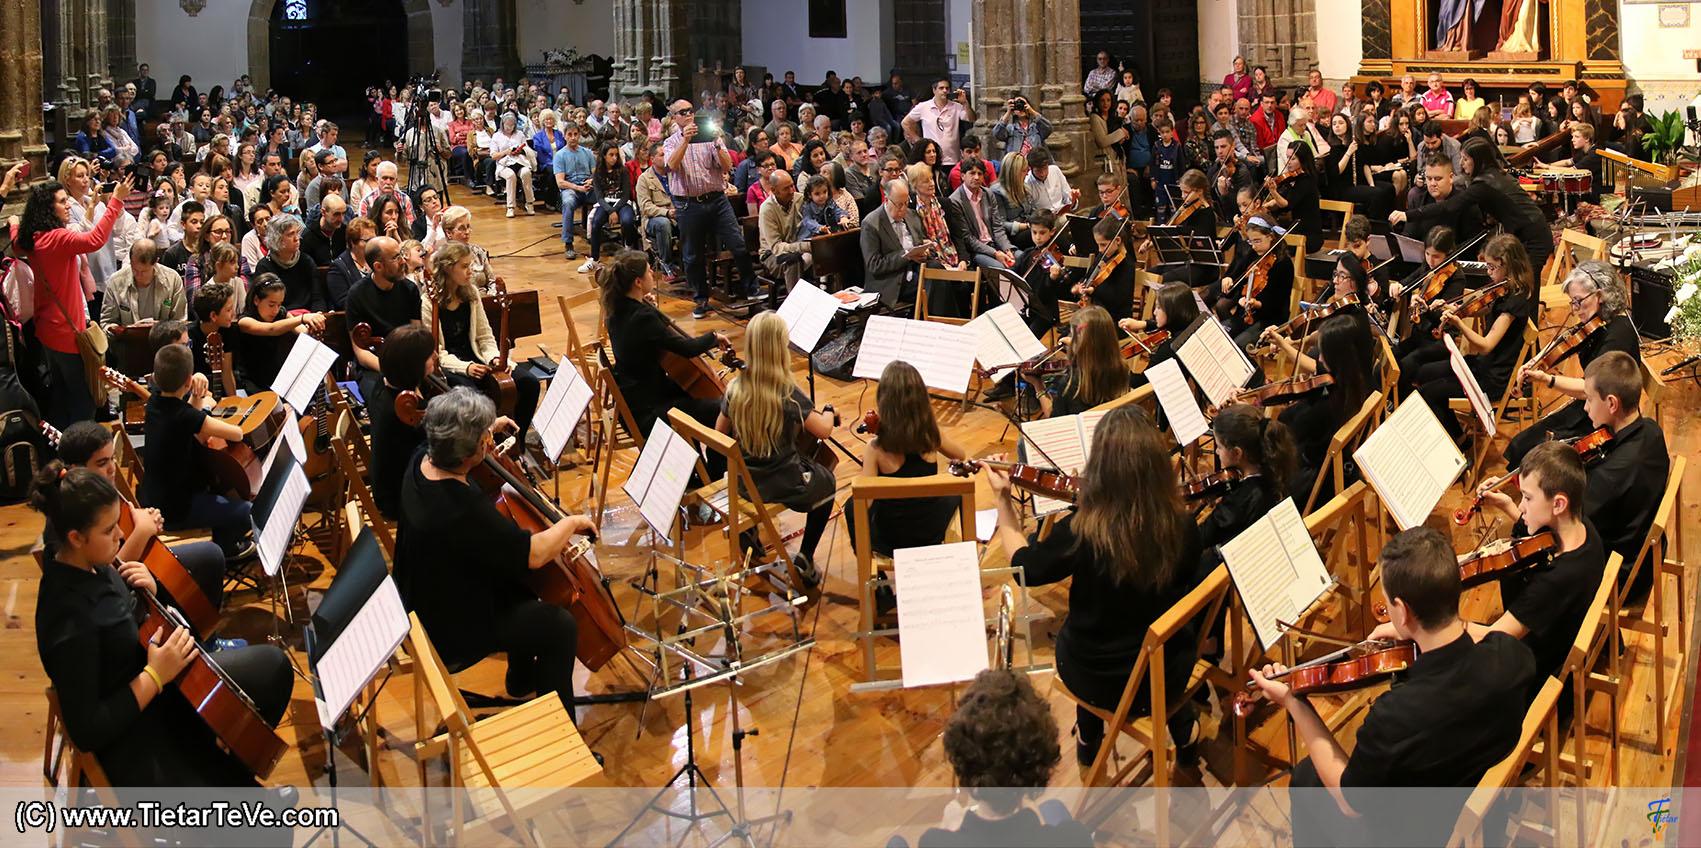 Concierto de la Escuela de Música de Arenas de San Pedro en el X Festival Luigi Boccherini - TiétarTeVe